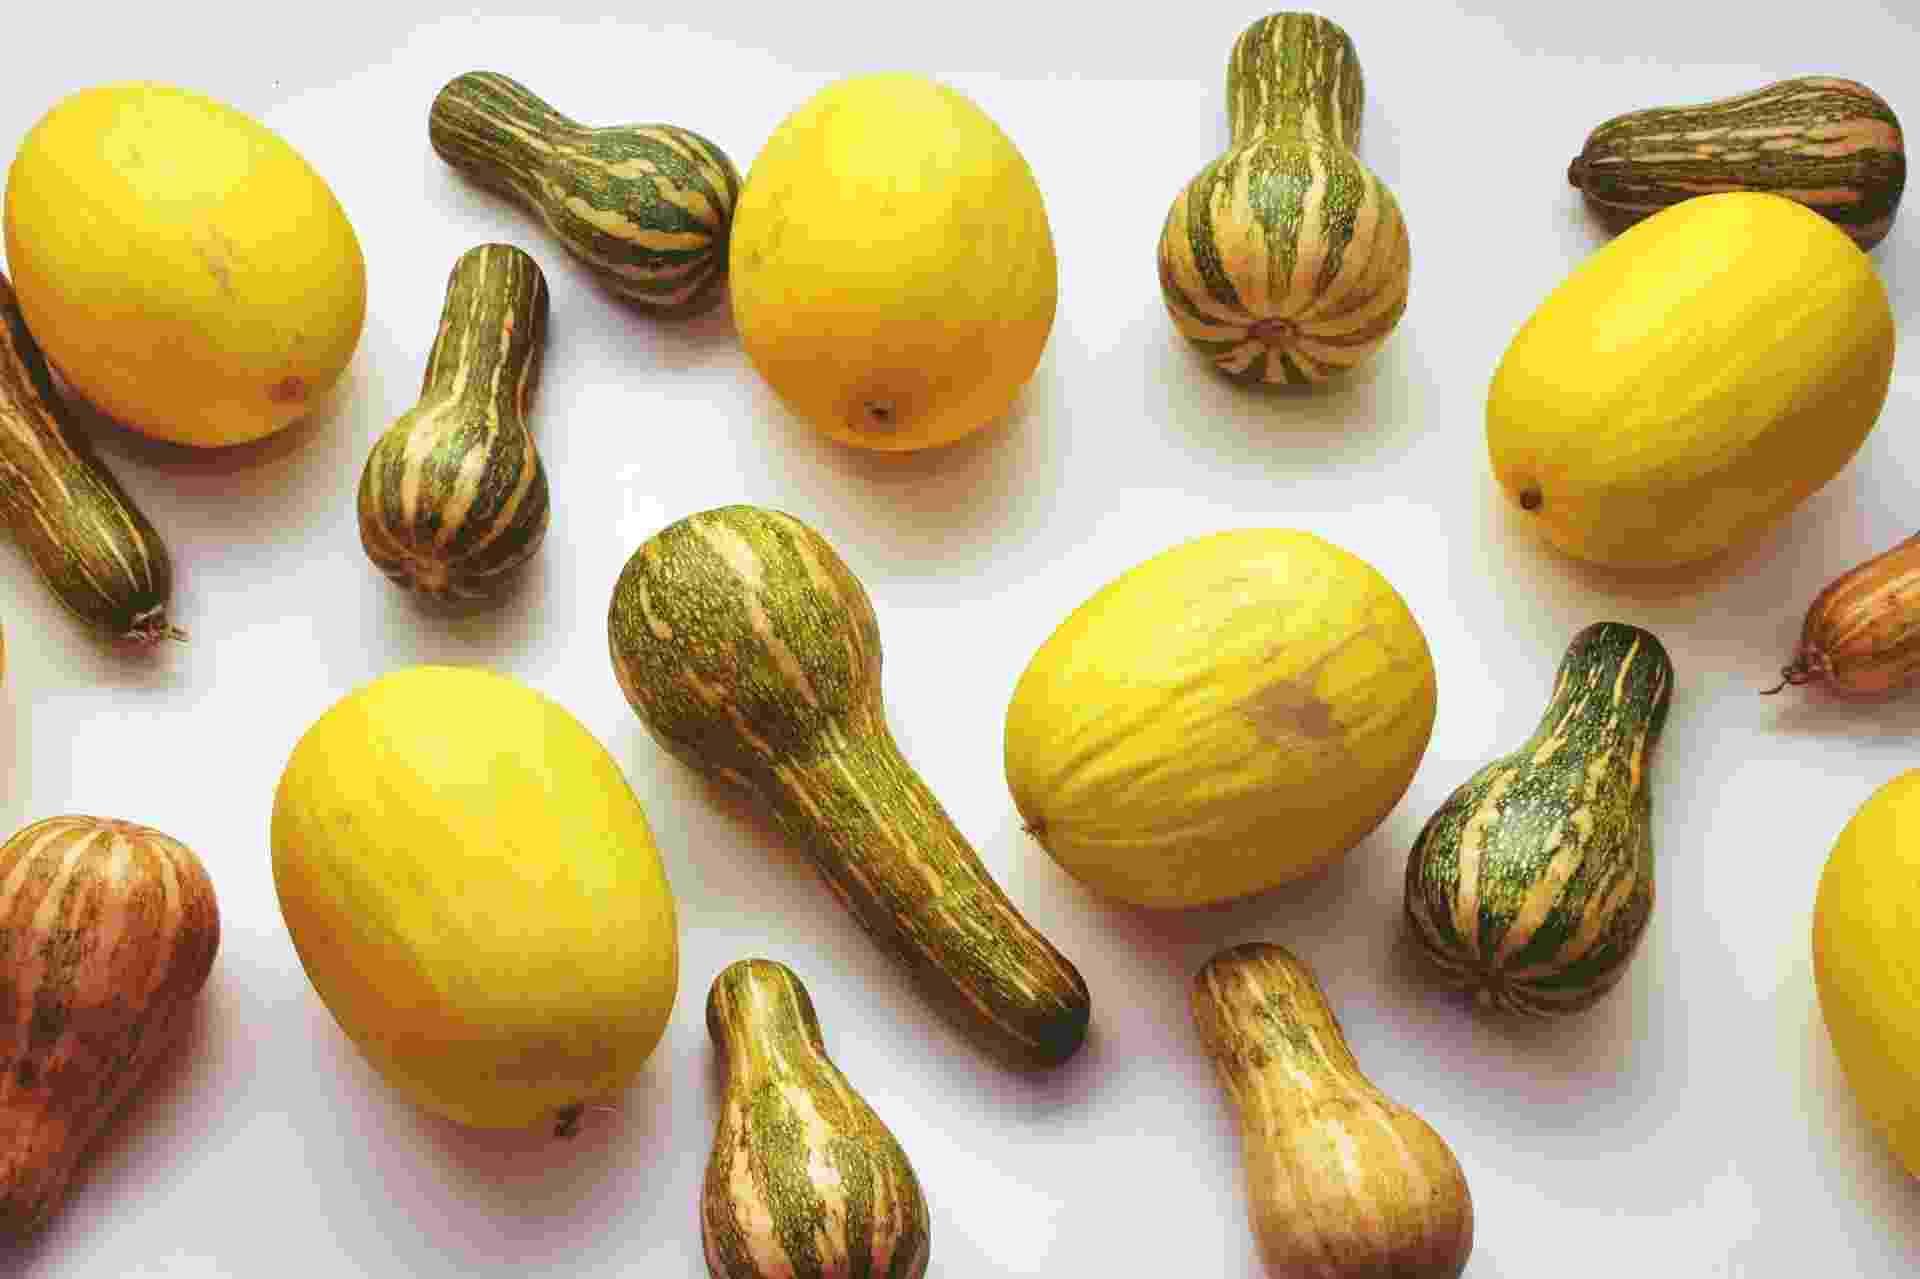 Fruta Imperfeita melão abobrinha - Divulgação